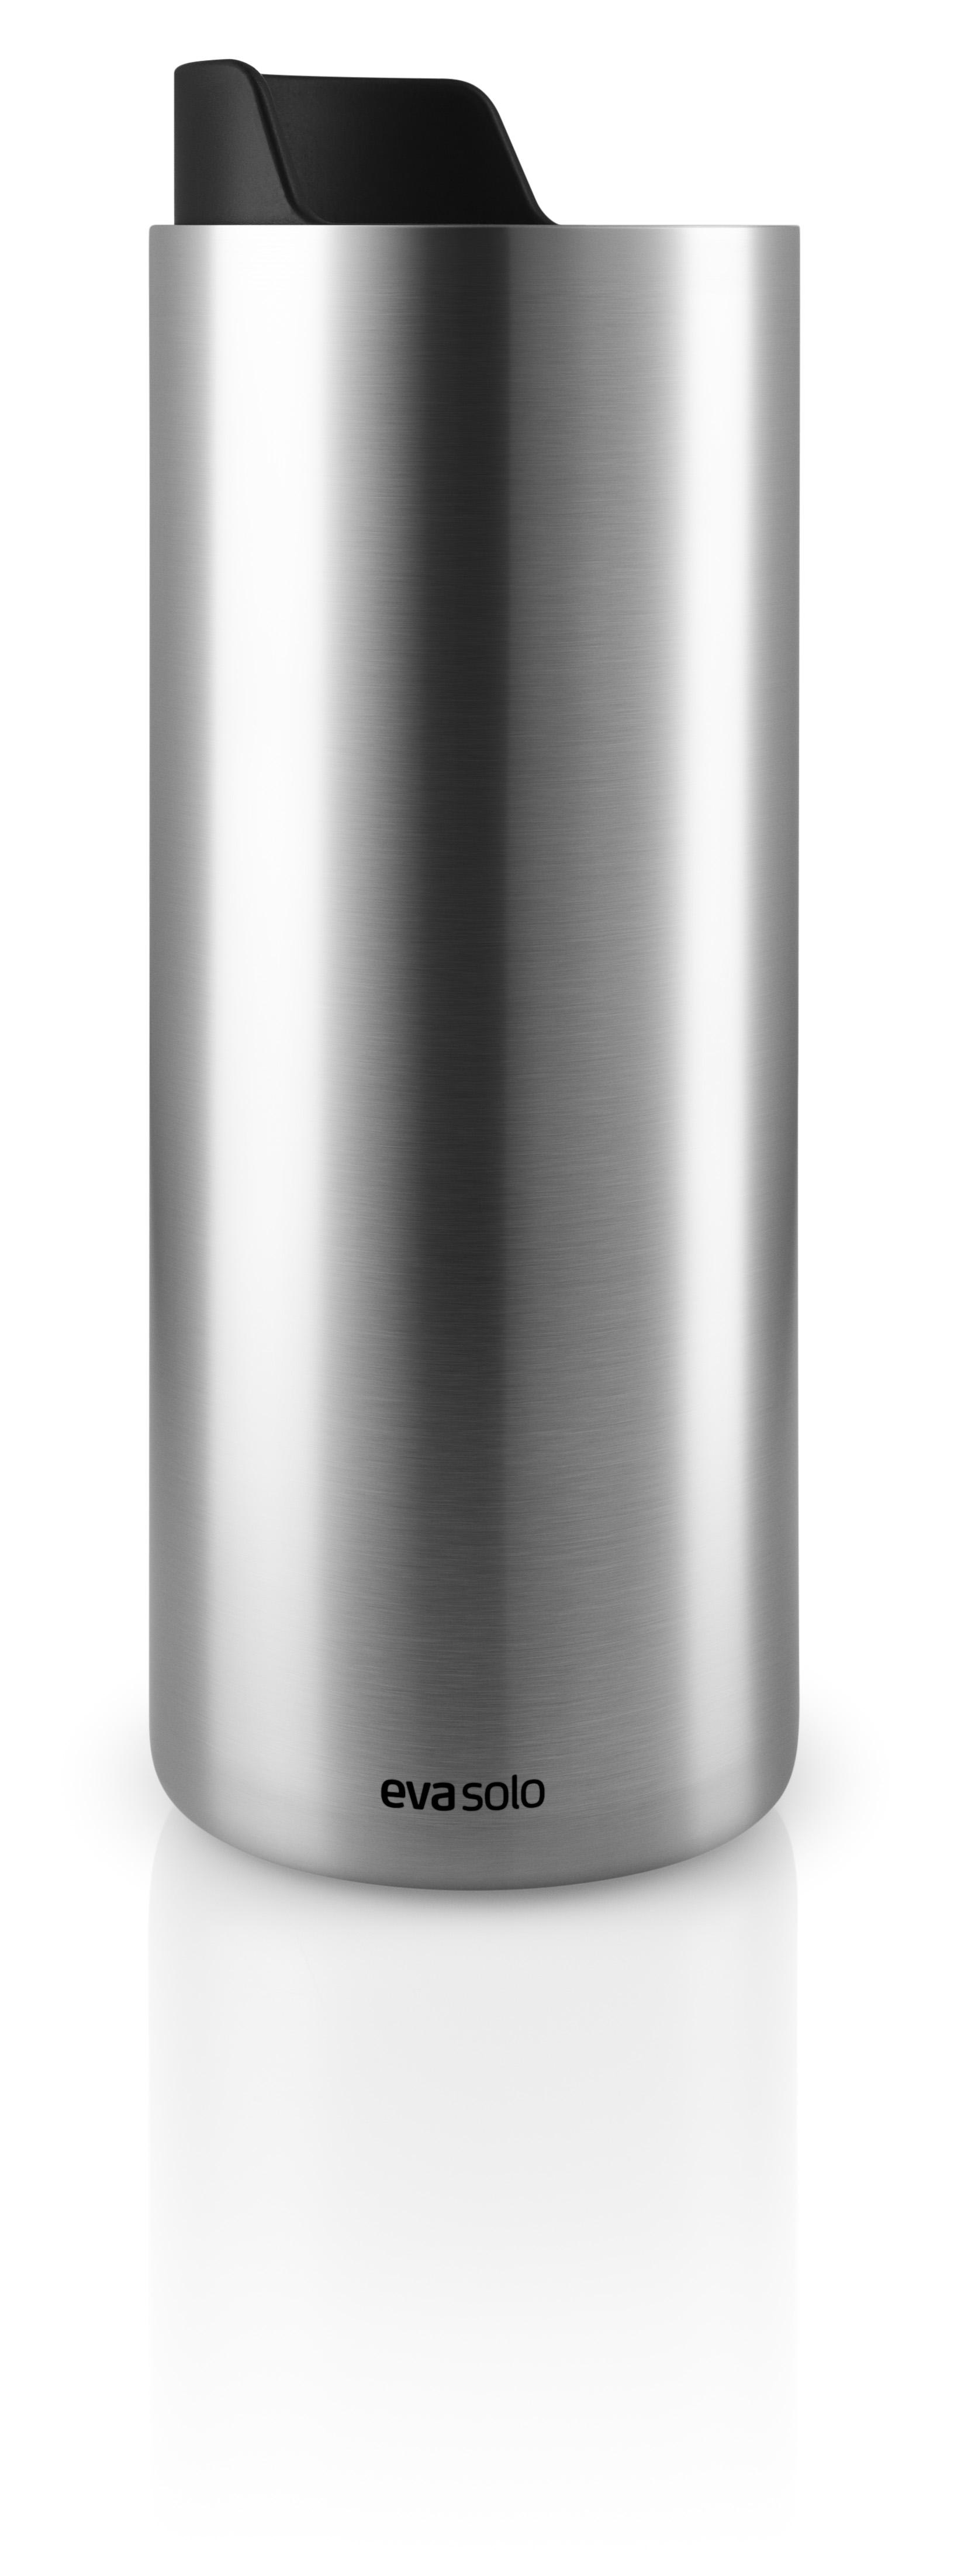 Eva Solo - Urban To Go Cup 0,35 L - Black (567070)